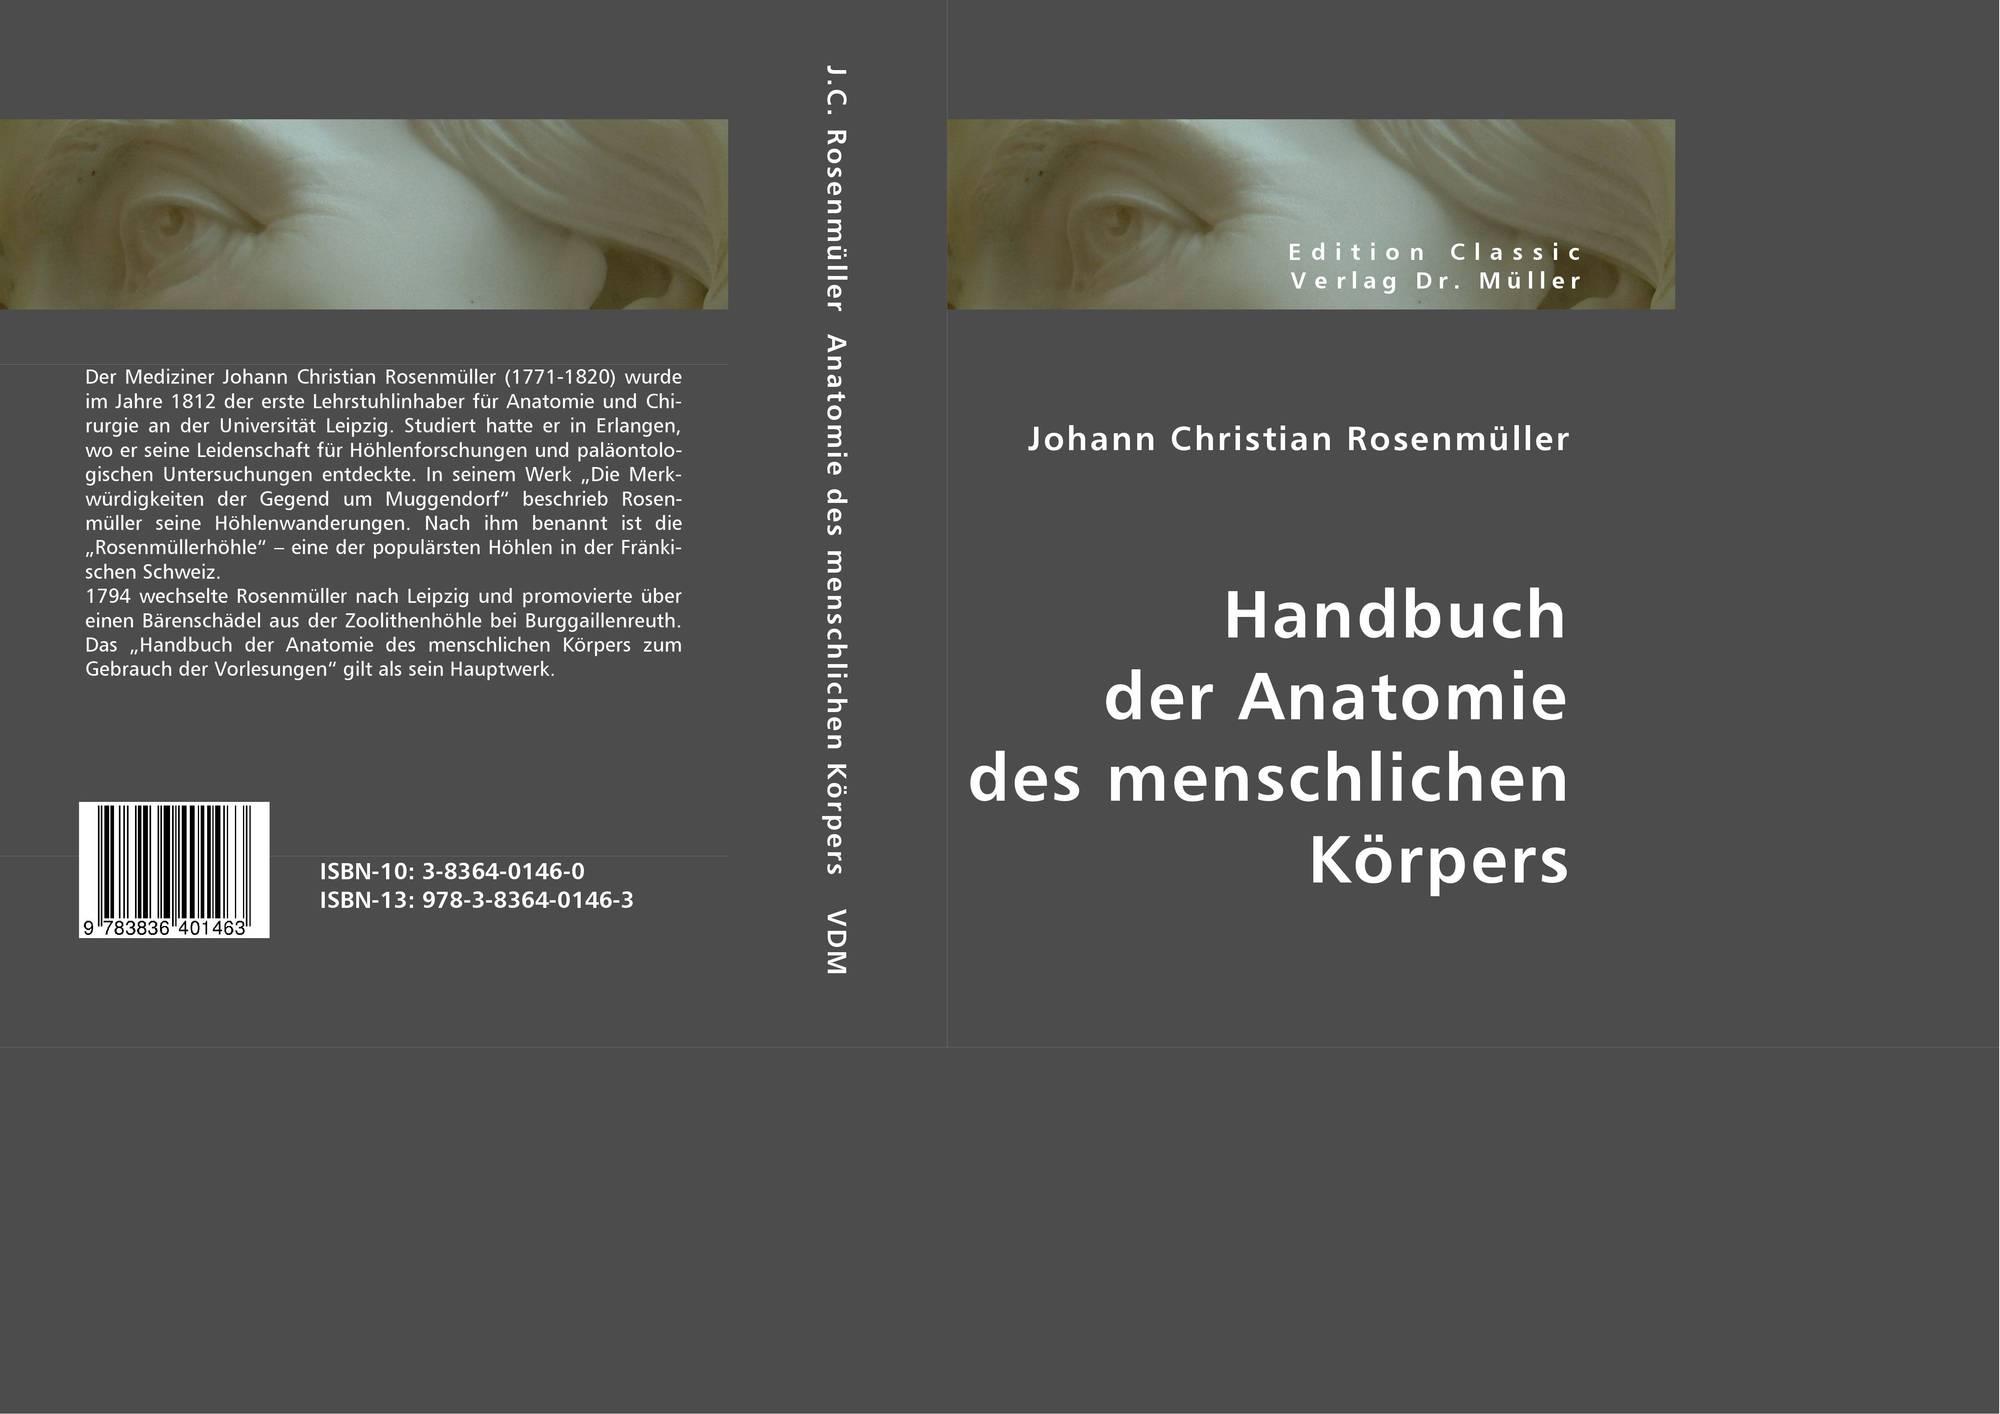 Handbuch der Anatomie des menschlichen Körpers, 978-3-8364-0146-3 ...